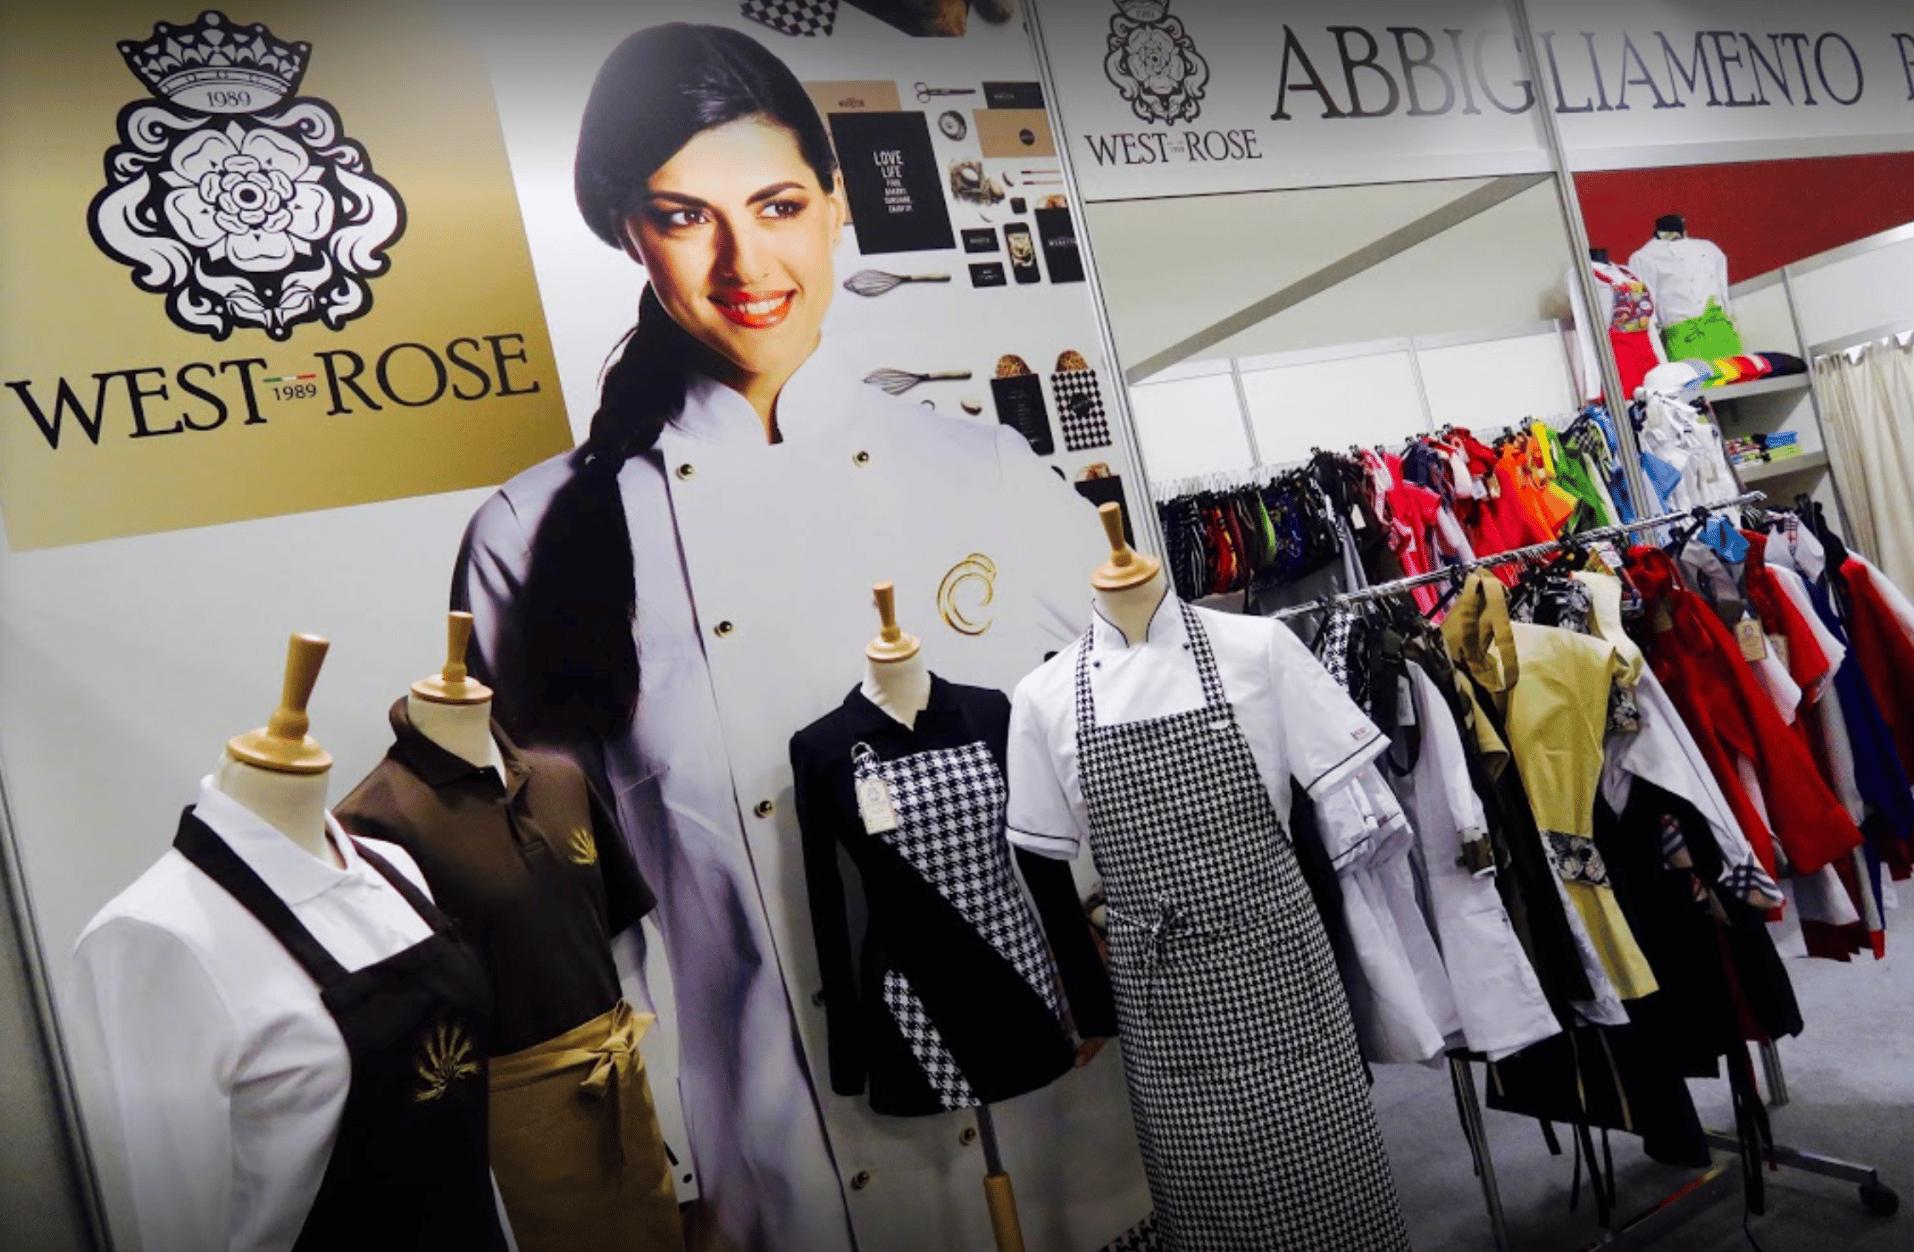 abiti-da-lavoro-westrose-abbigliamento-professionale